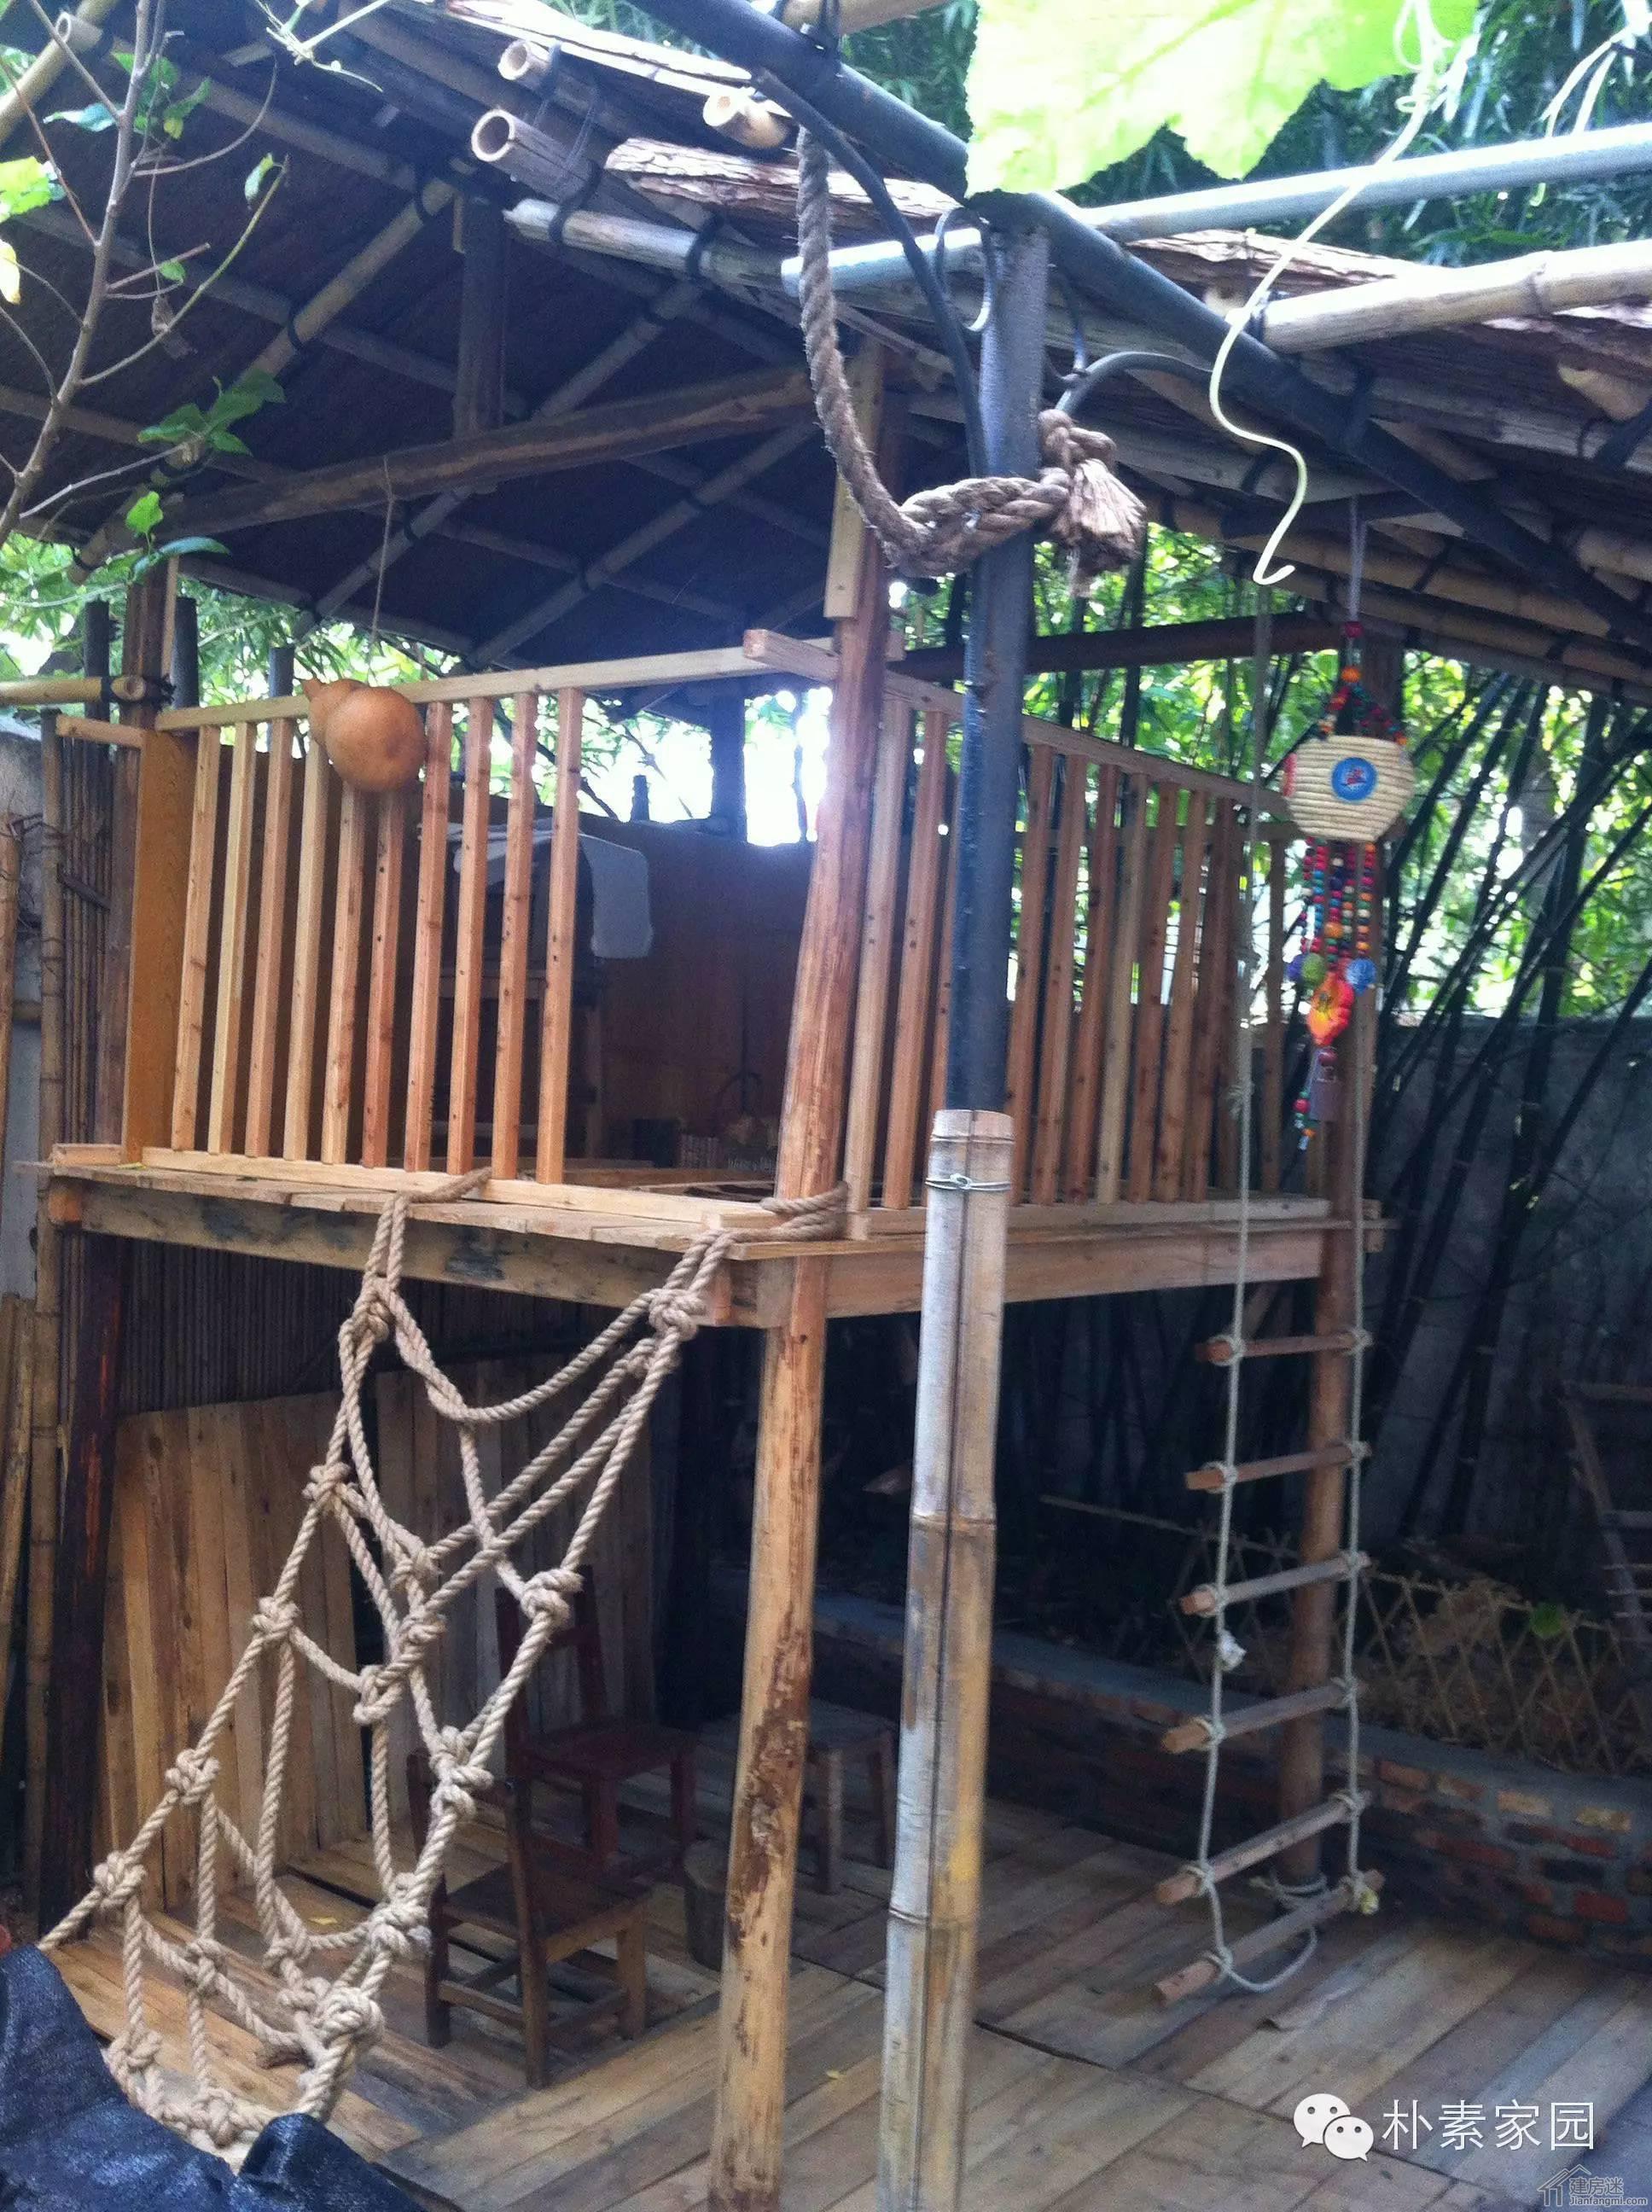 朴素家园--自己动手在庭院搭小木屋建成记